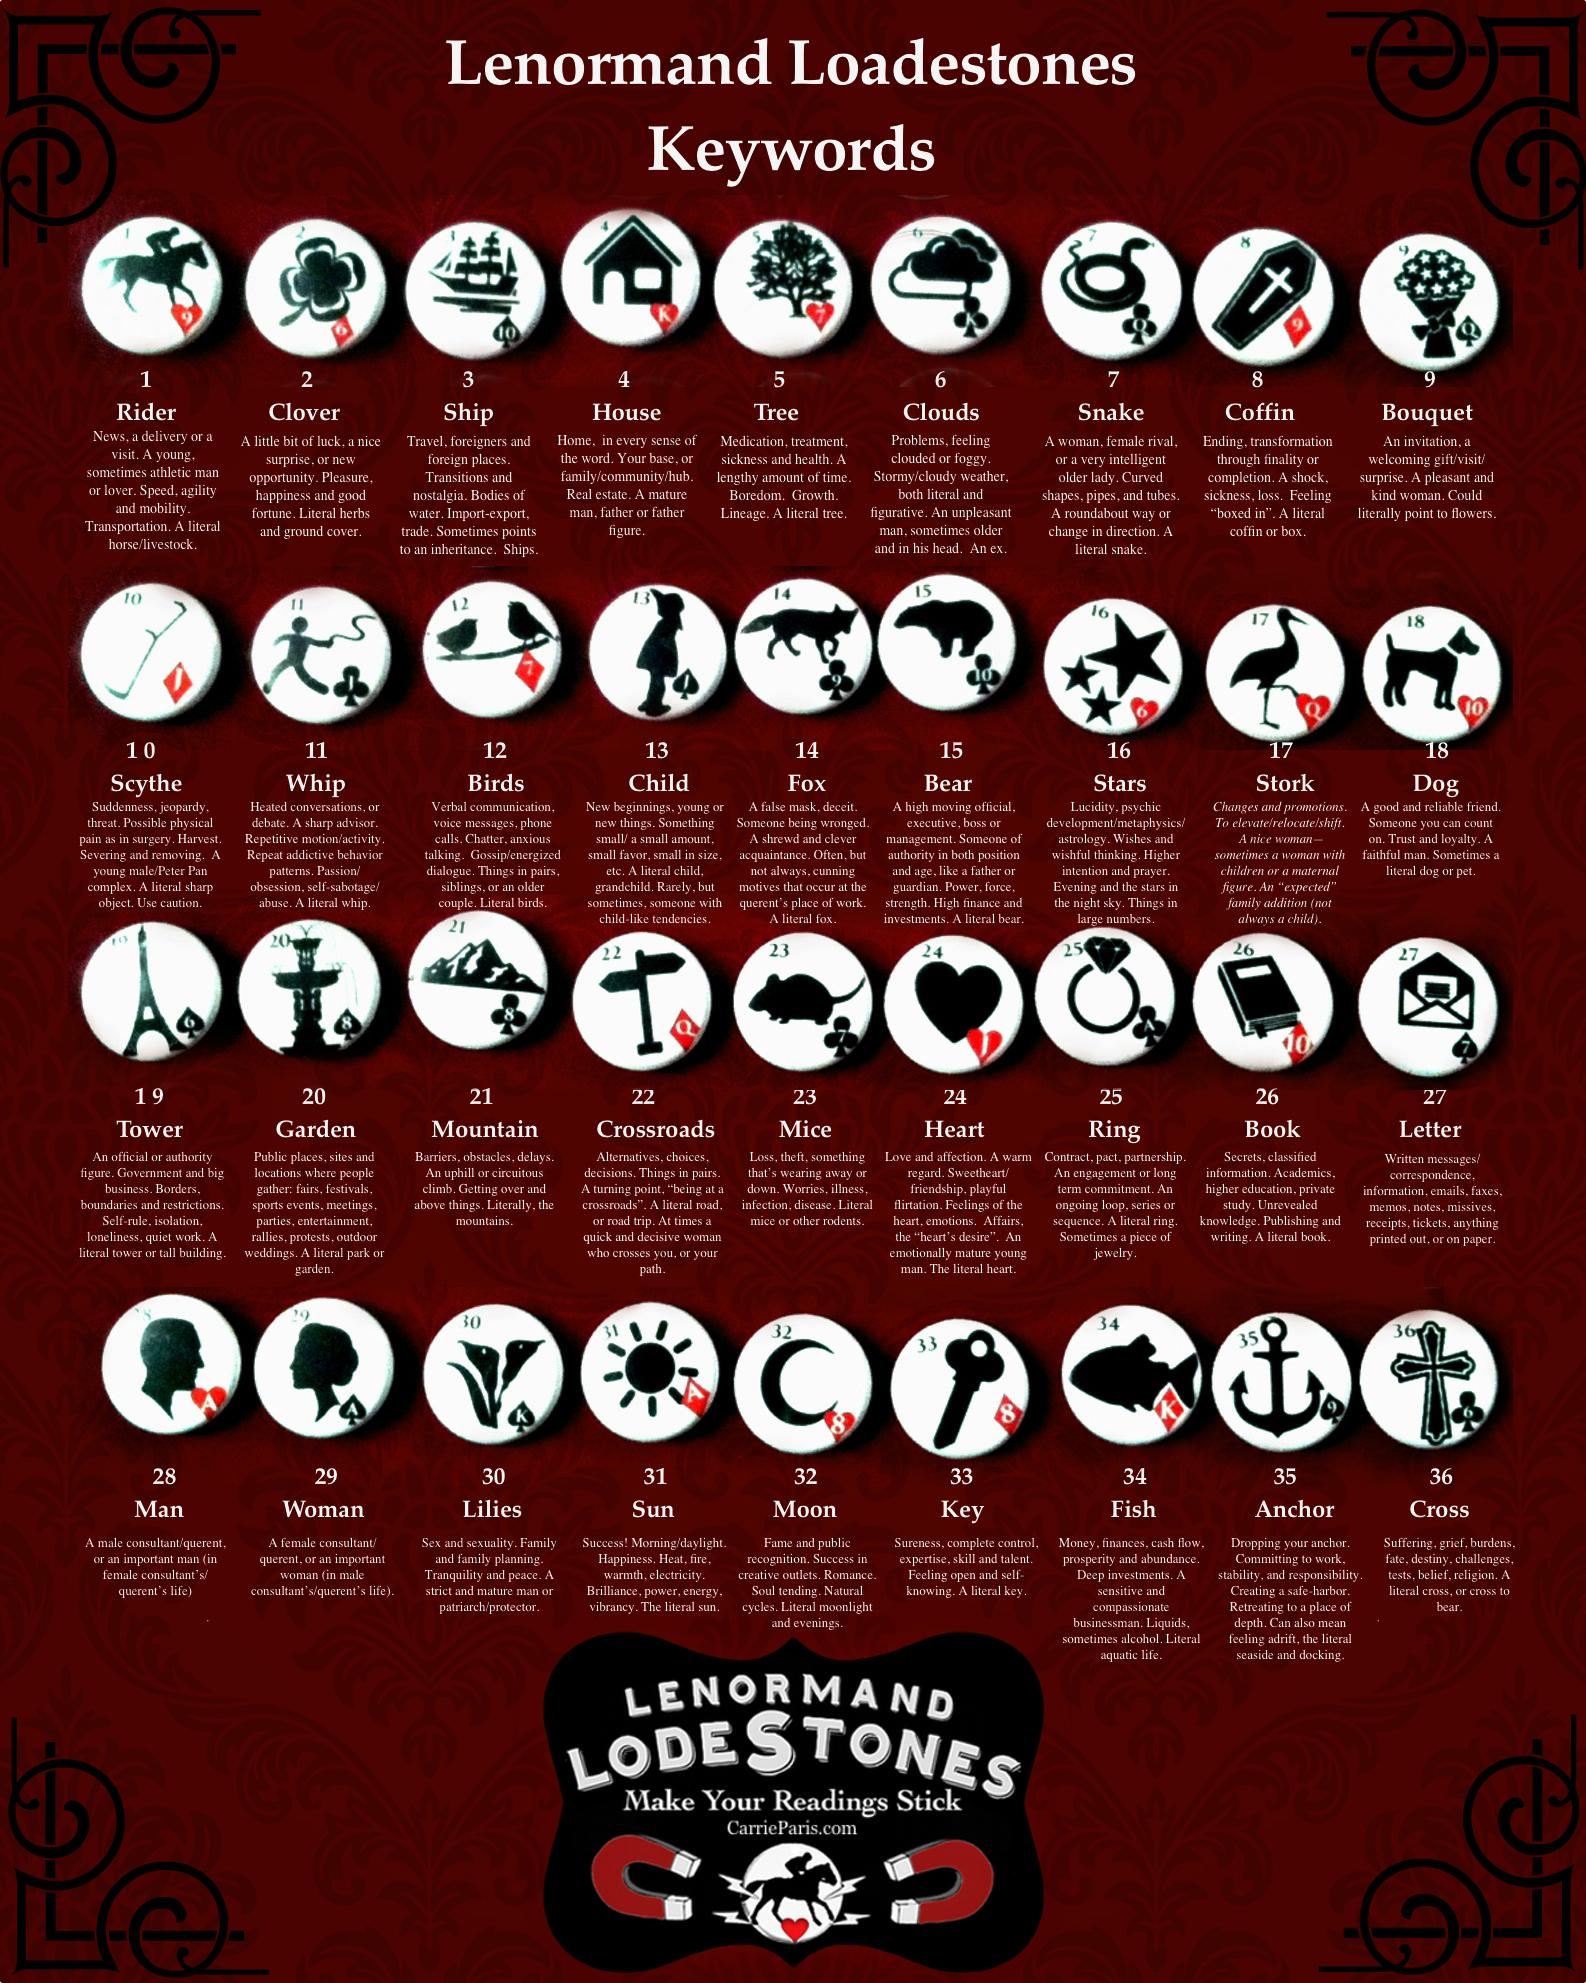 Lenormand Loadestones Keyword Sheet